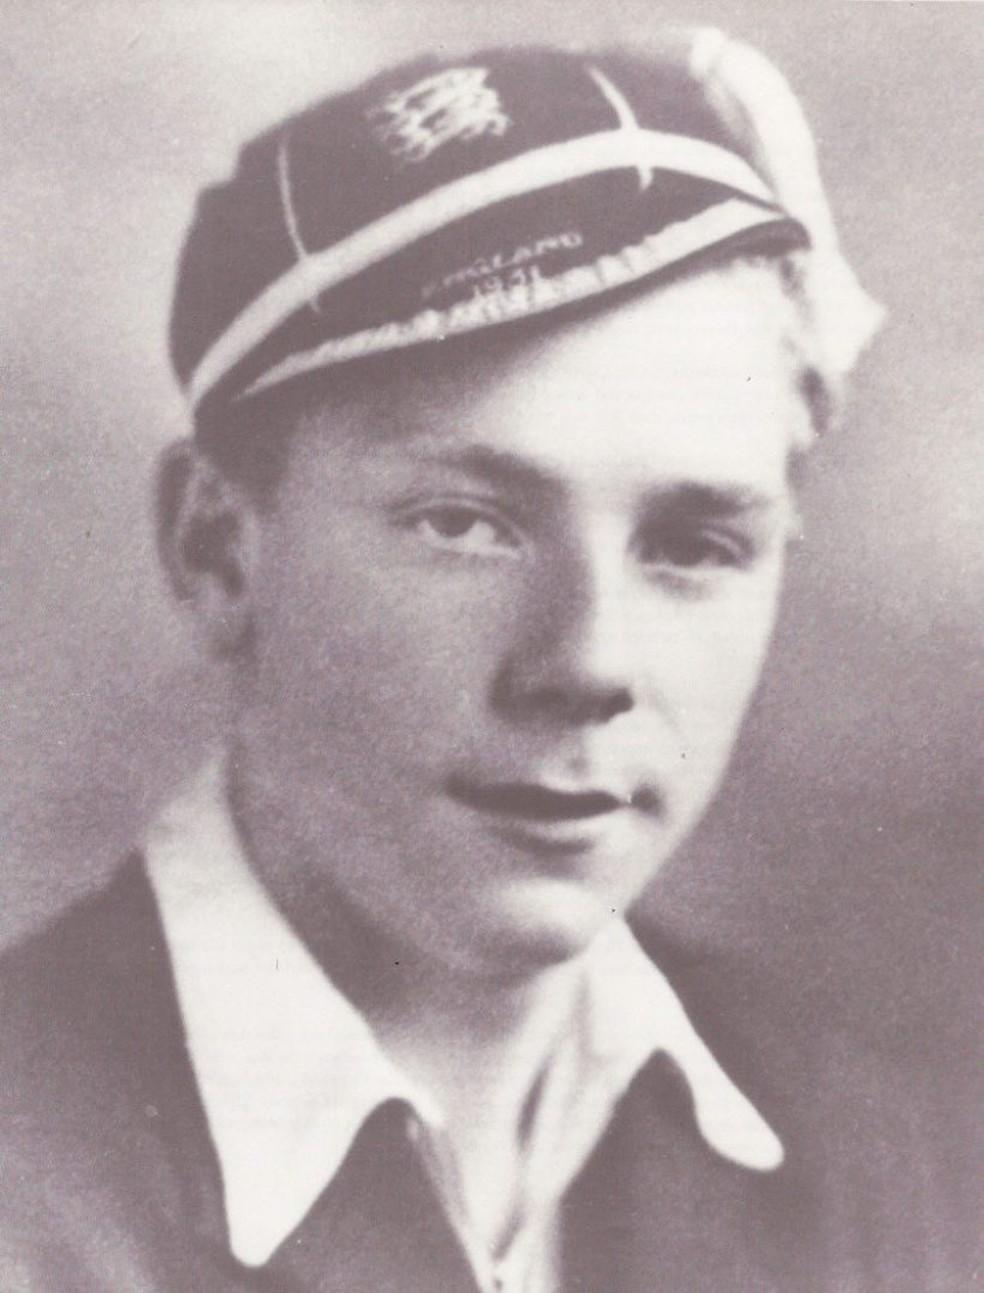 Duncan Edwards destacou-se muito jovem e teve que escolher entre futebol e dança (Foto: Divulgação)